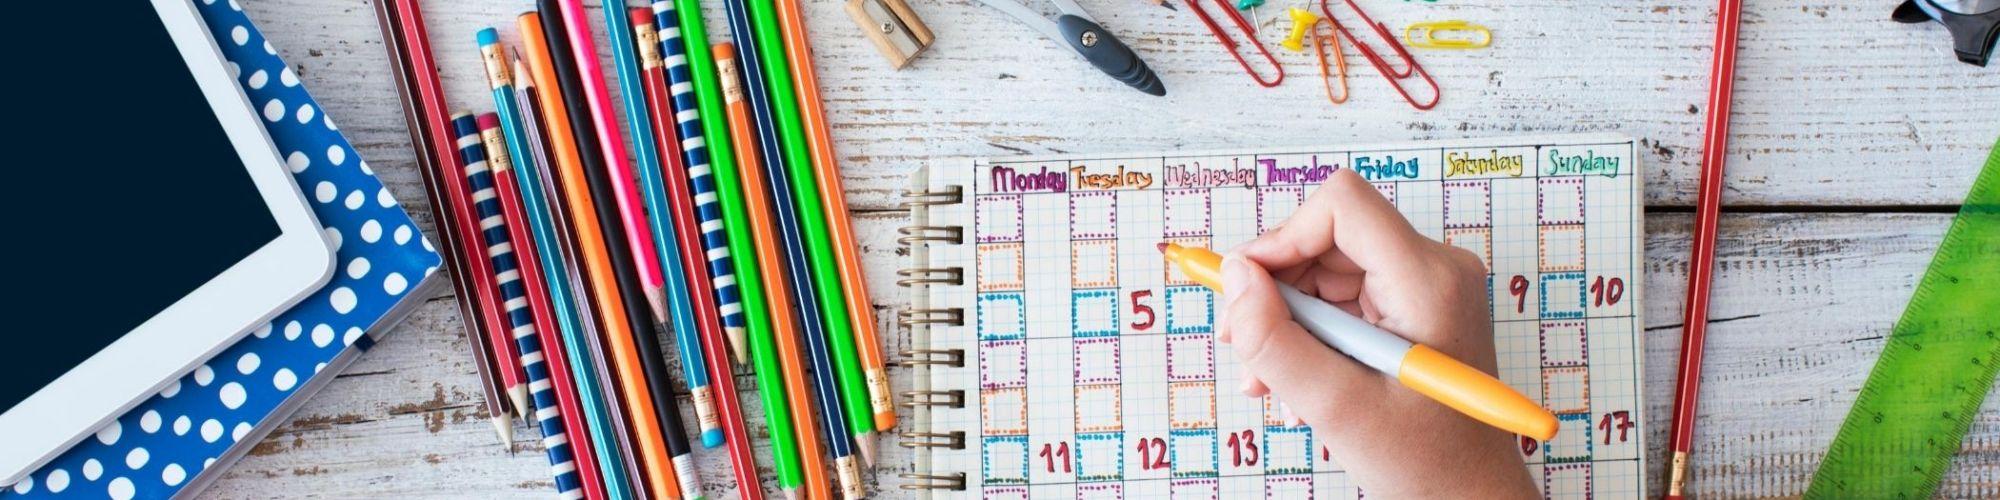 Greater Clark County Schools Calendar 2021-2022 Background